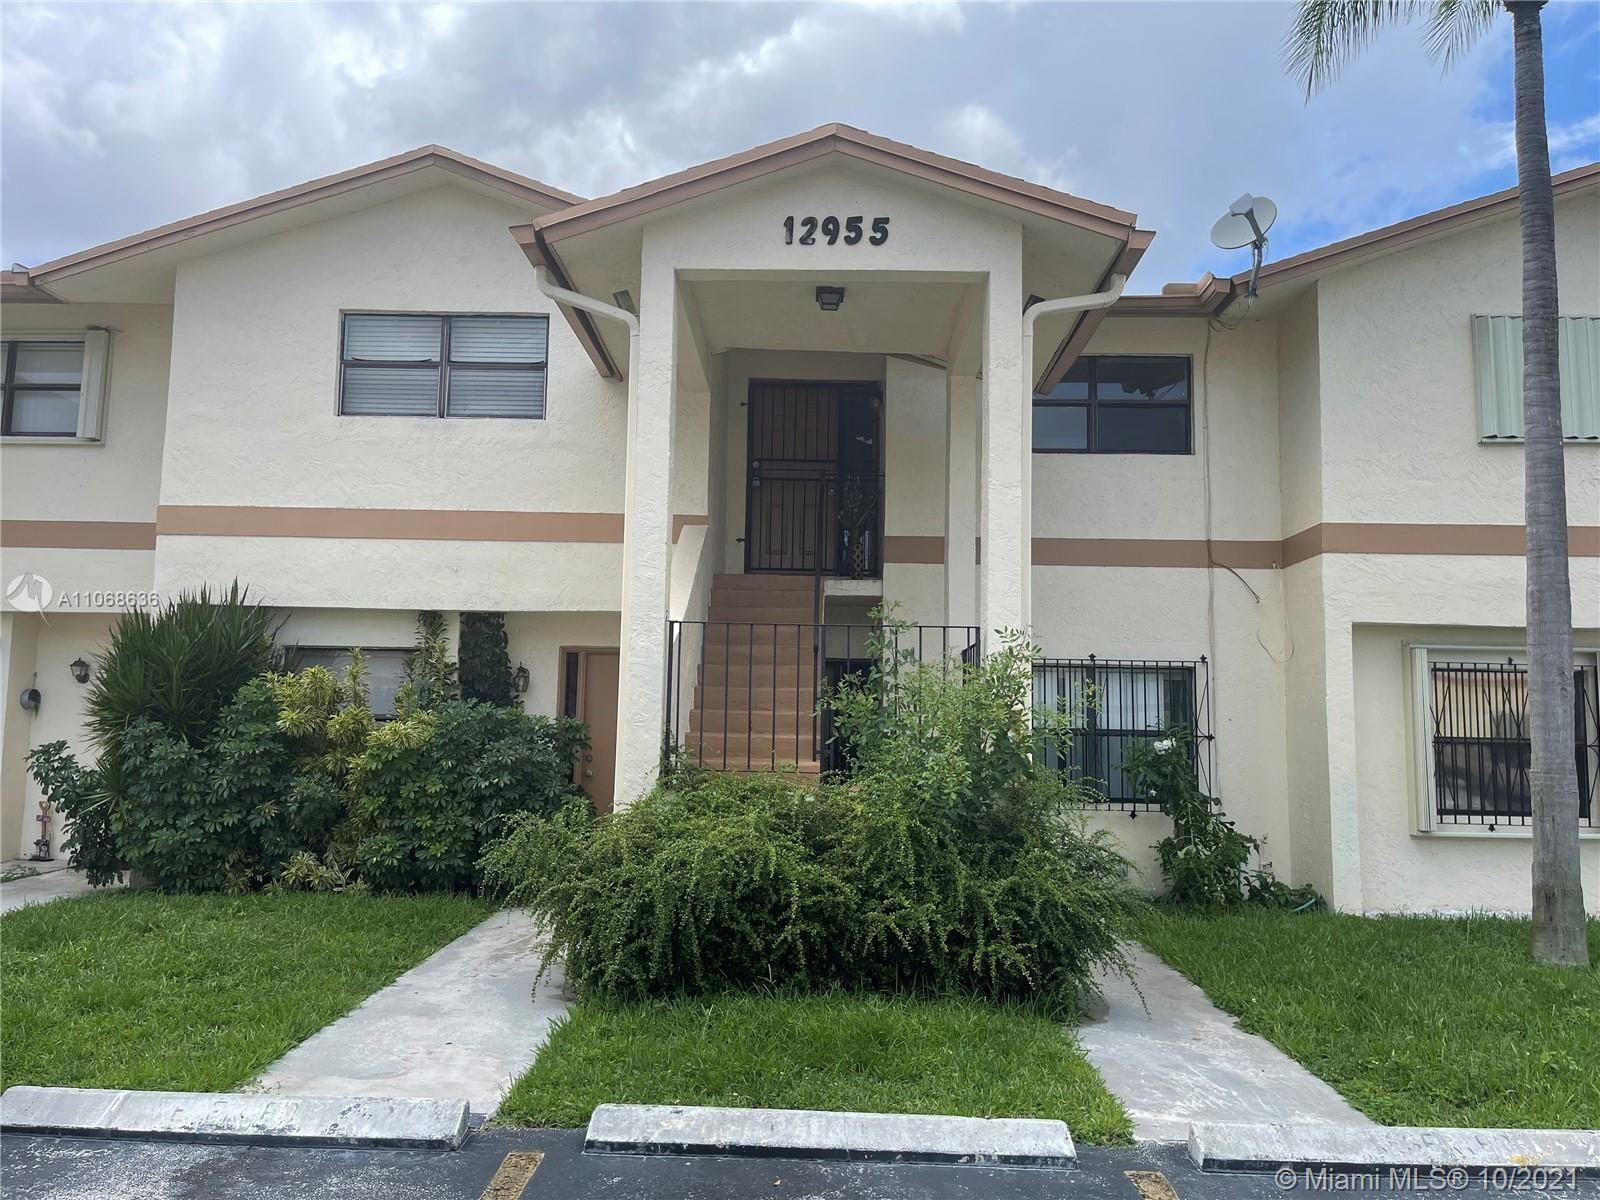 12955 SW 66th Ln #208-2, Miami, FL 33183 - #: A11068636